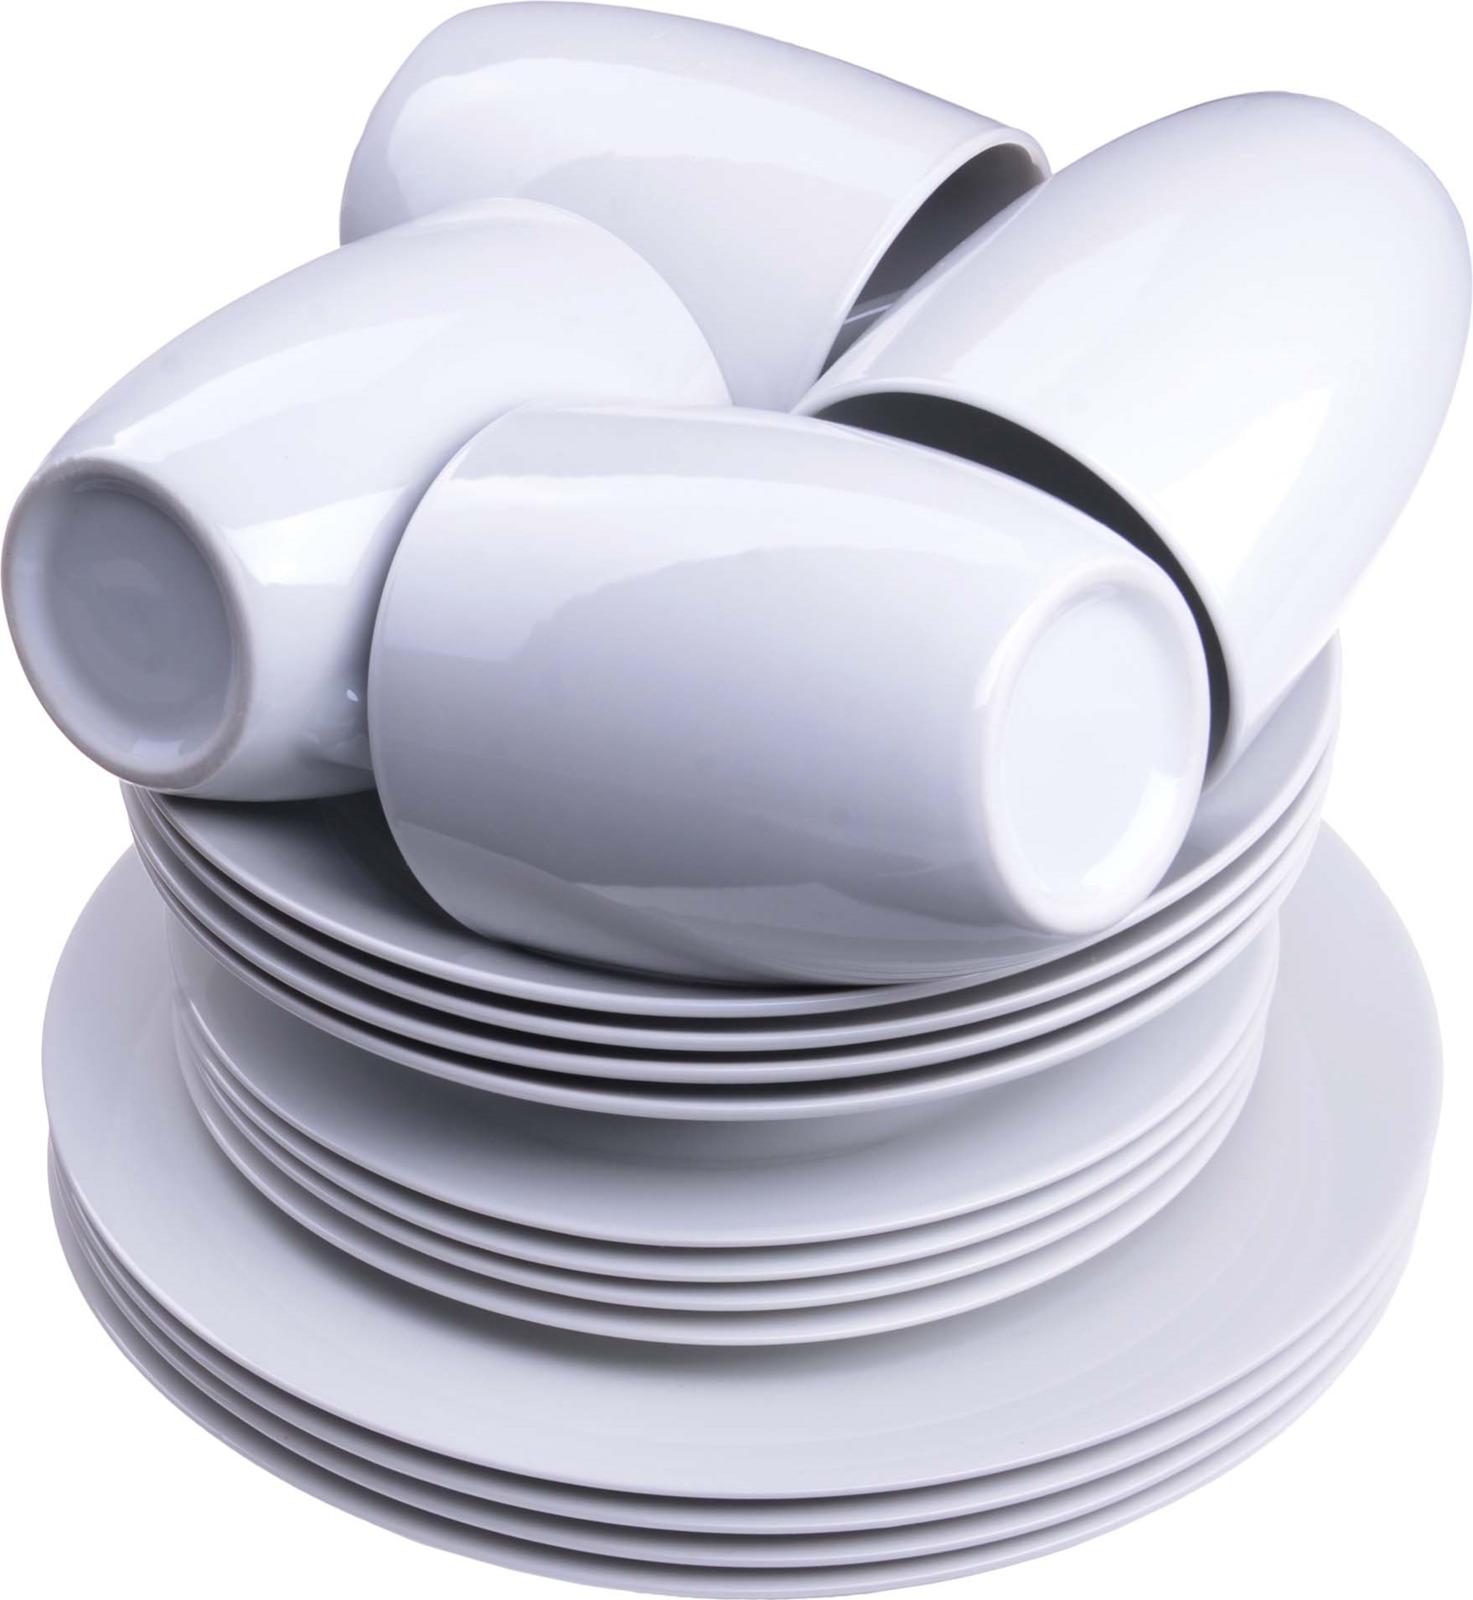 Сервиз обеденный Loraine, цвет: белый, 16 предметов. у4107у4107Набор посуды Loraine выполнен из фарфора. Данный набор предназначен для сервировки обеденного стола на 4 персоны. Форма изделий круглая. Классический дизайн сочетается в нем с максимальной функциональностью. Такой набор послужит отличным подарком к любому празднику, а также добавит элегантности и уюта любому праздничному столу! Посуда обладает гладкой непористой поверхностью, не впитывает запахи, устойчива к перепадам температуры и легко моется. Подходит для мытья в посудомоечной машине.